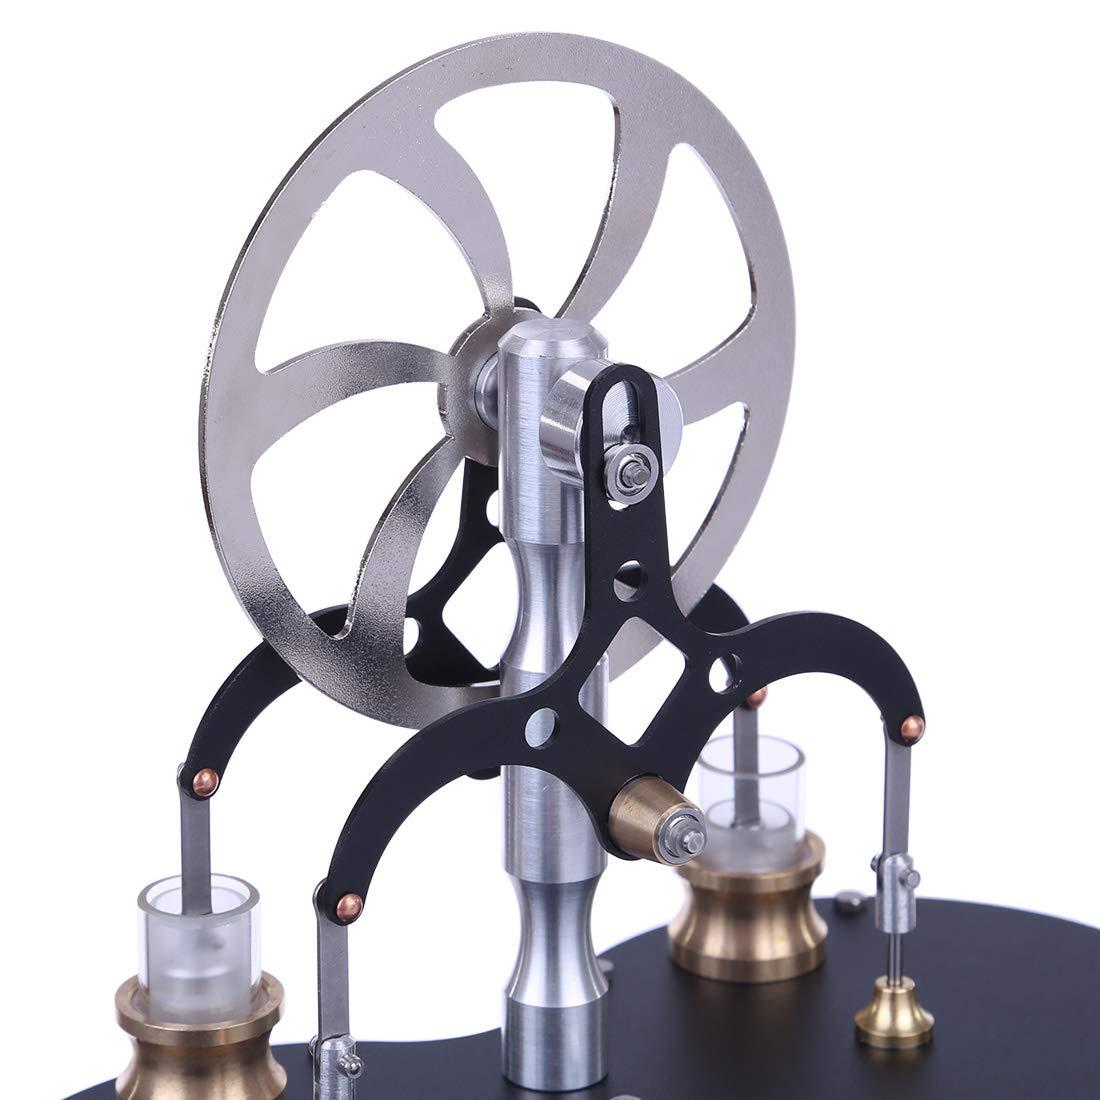 AMITAS Stirlingmotor Bausatz Niedertemperatur 2-Zylinder Stirling Engine Ab 8 Jahren